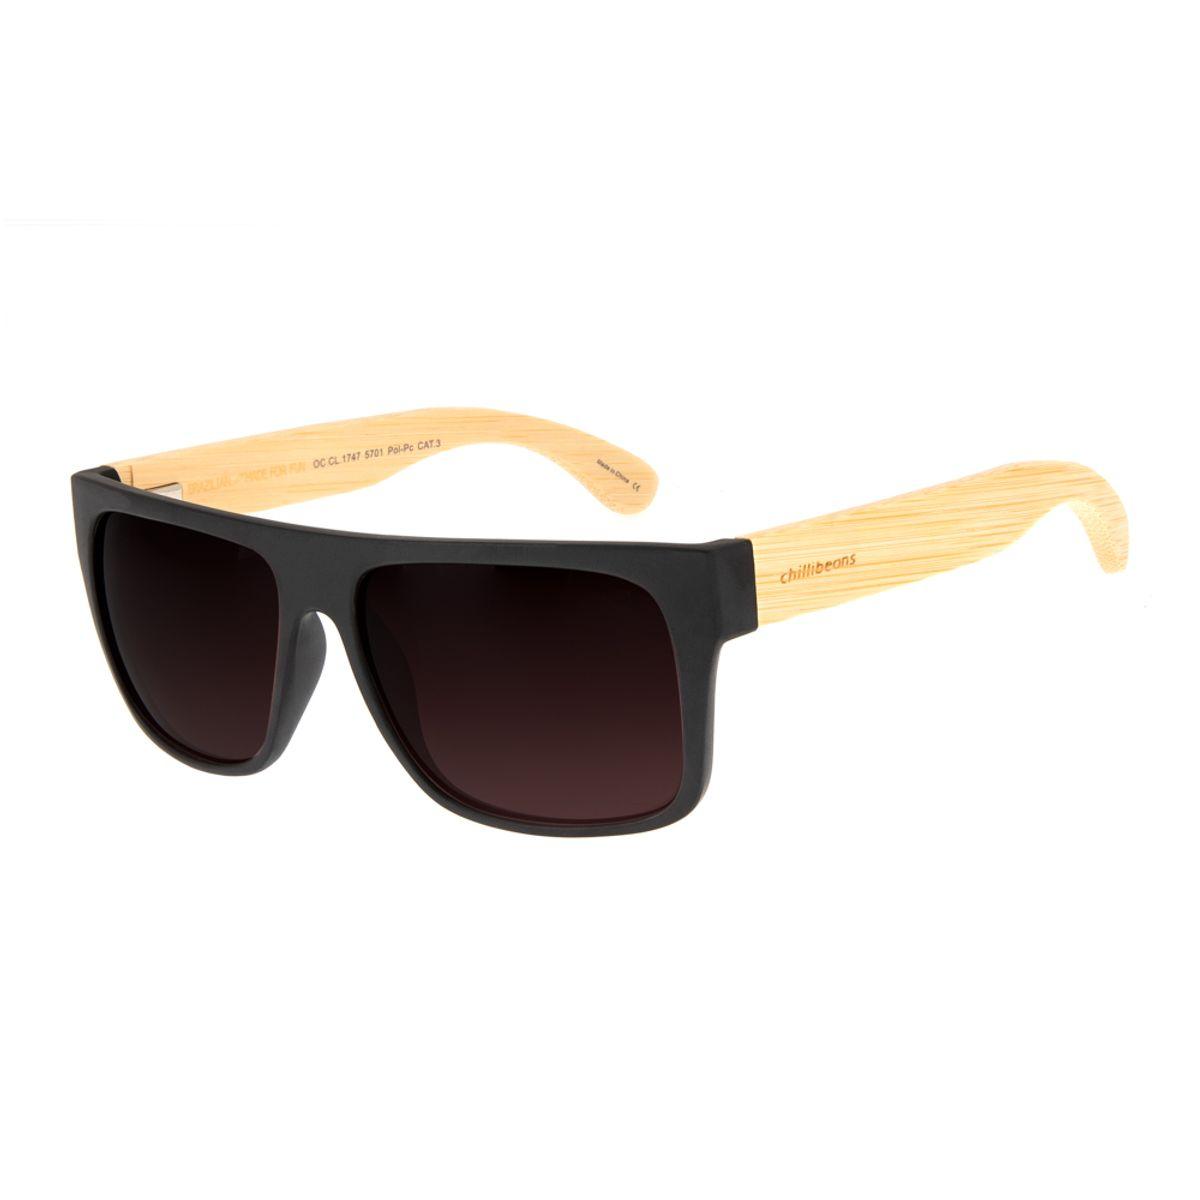 70d9239b7 Óculos de Sol Masculino Chilli Beans Haste de Bambu Degradê Marrom ...